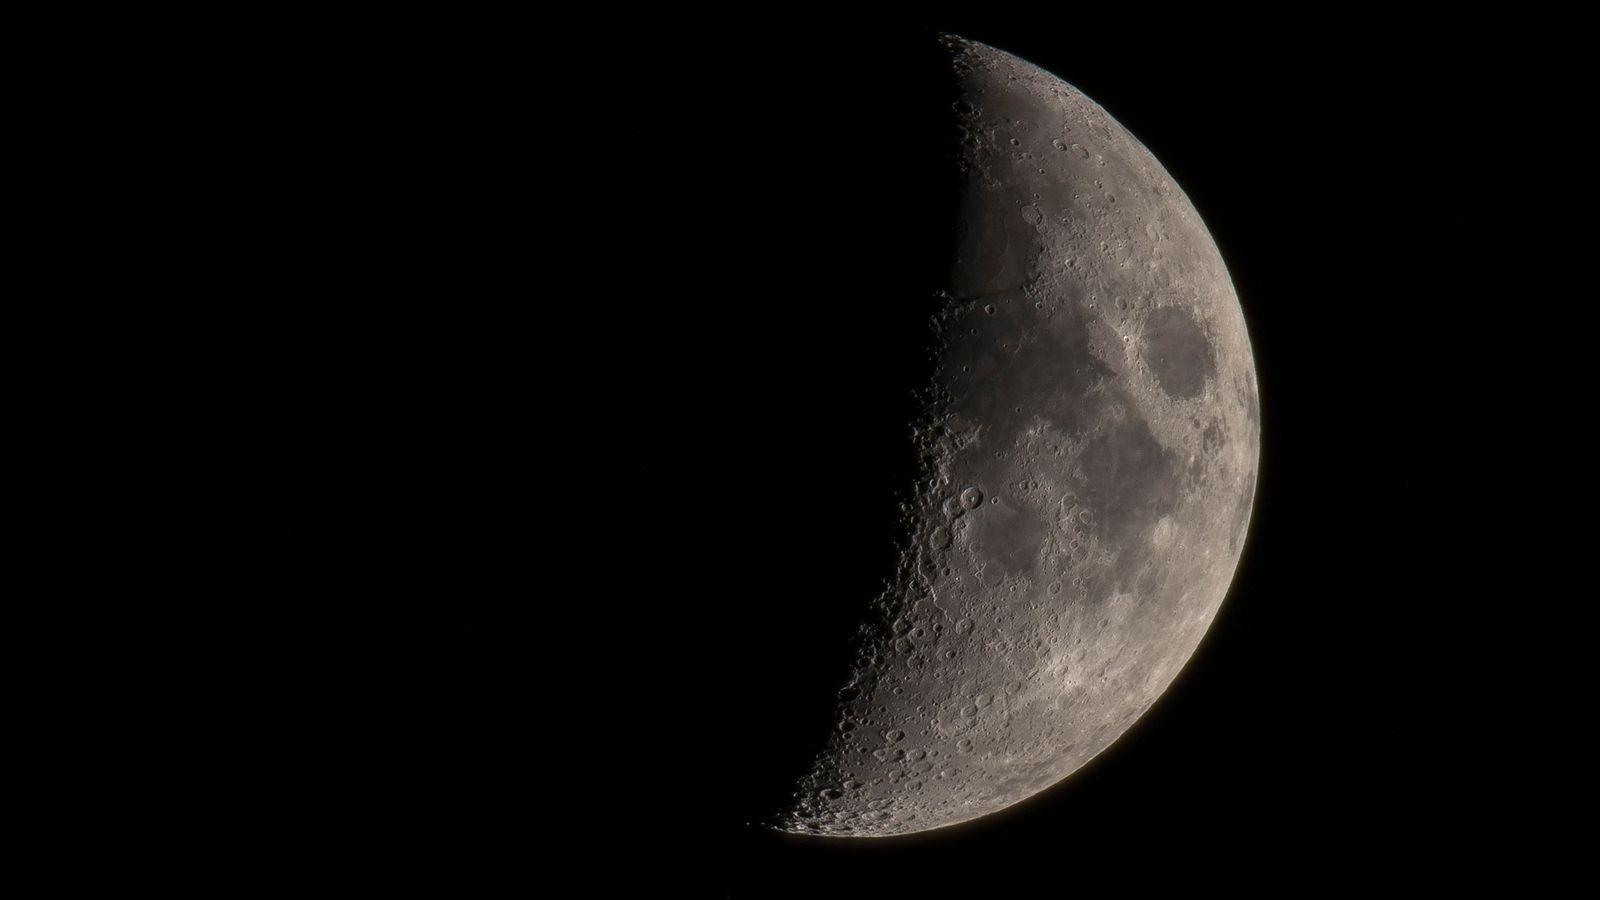 Ein Blick auf den Mond durch ein Teleskop offenbart die zahlreichen gut erhaltenen Krater und dunklen ...